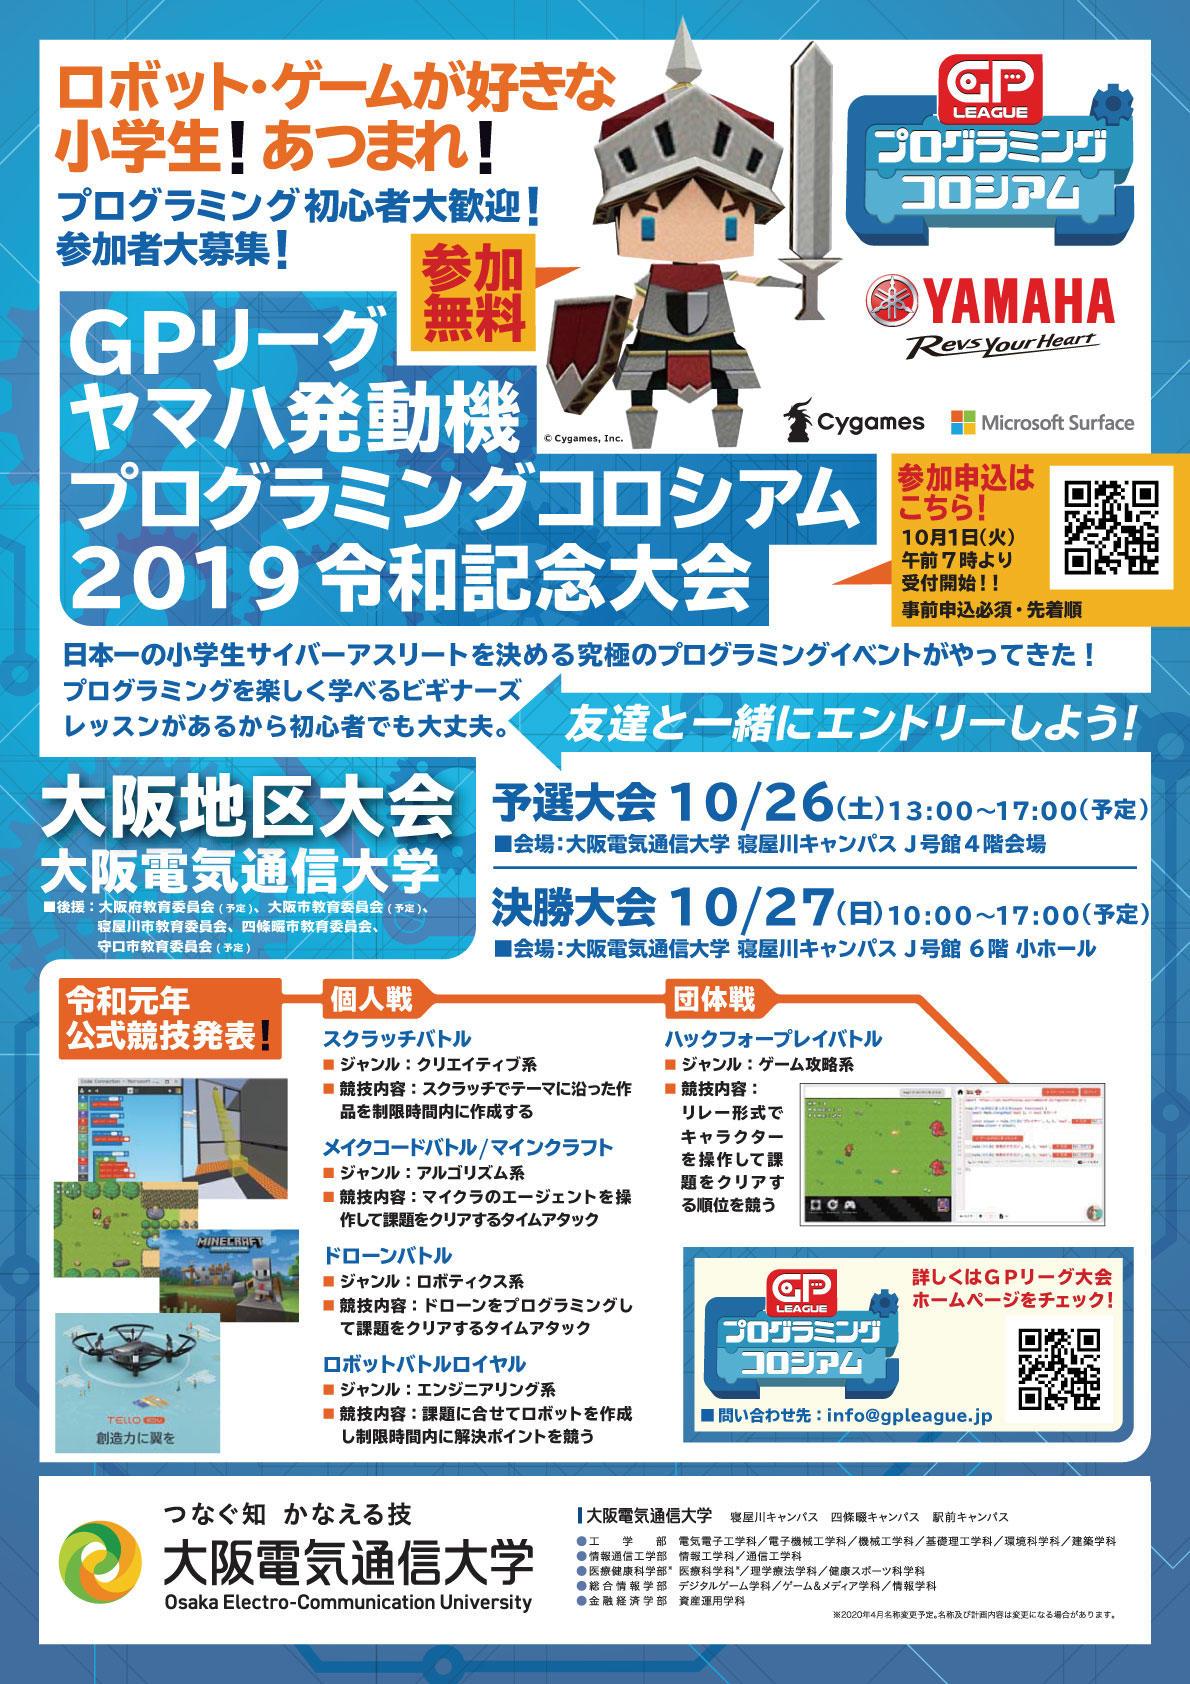 日本一の小学生サイバーアスリートを決める -- 大阪電気通信大学で「GPリーグヤマハ発動機プログラミングコロシアム2019令和記念大会 大阪地区大会」を開催・運営サポート